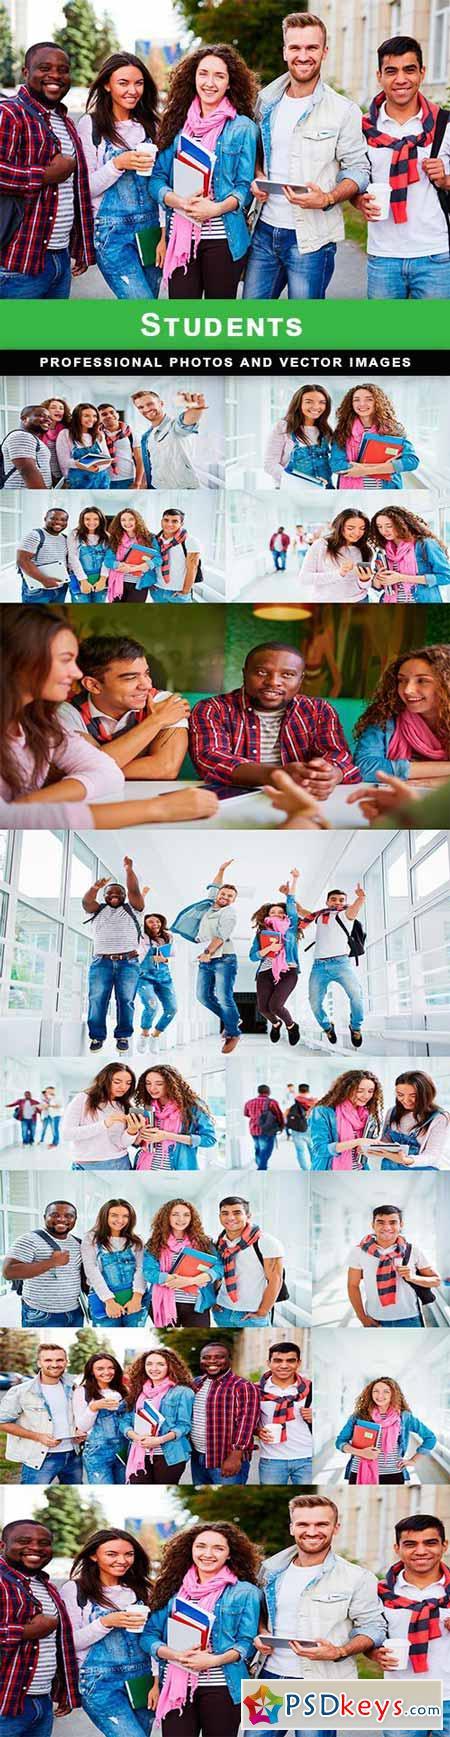 Students - 13 UHQ JPEG